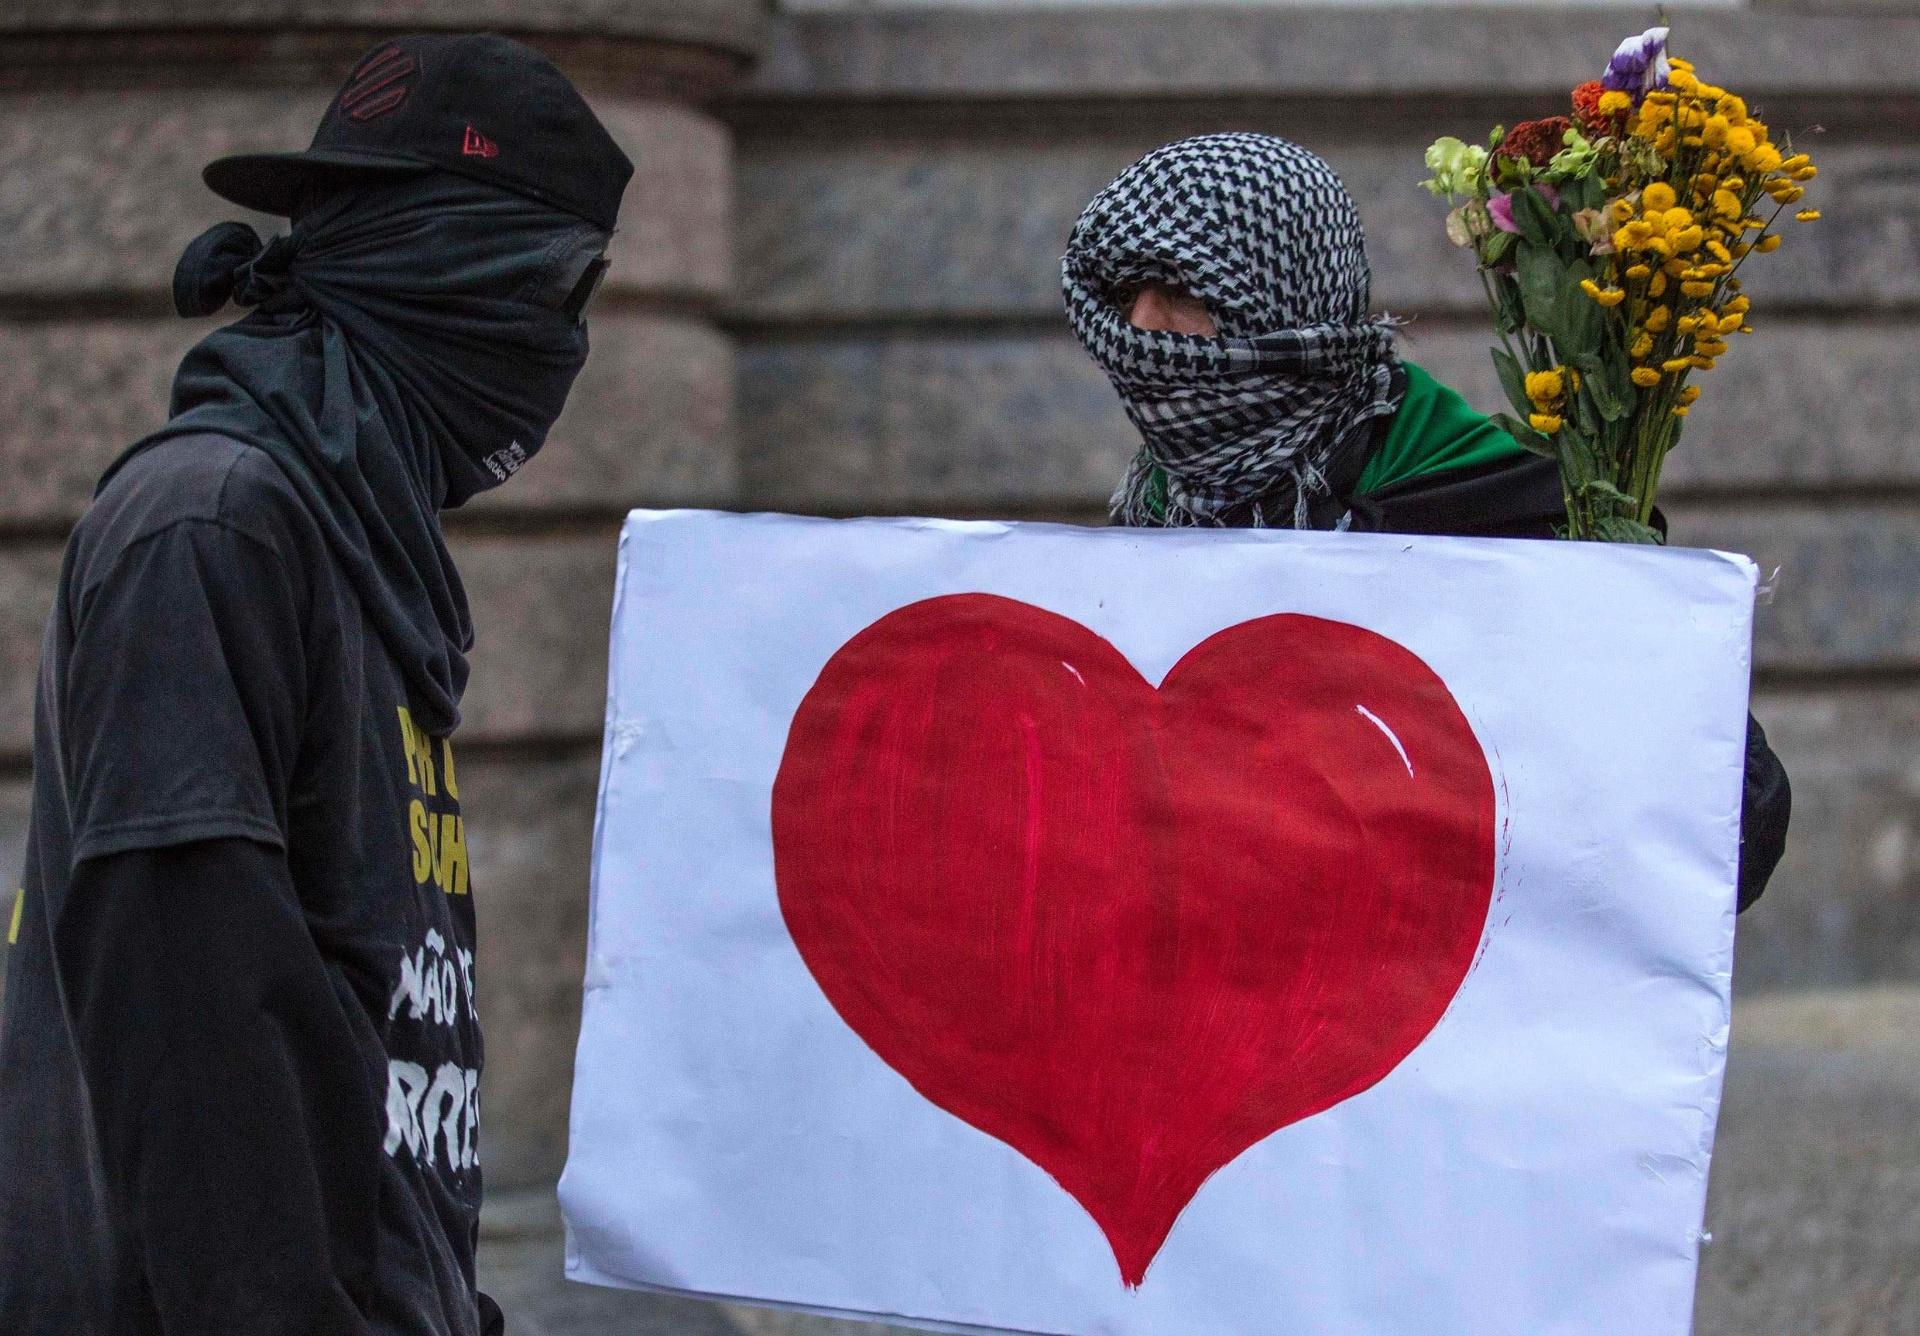 31.out.2013 - 31.out.2013 - Com rostos cobertos, segurando flores e um cartaz com um coração desenhado, manifestantes mascarados participam do ato